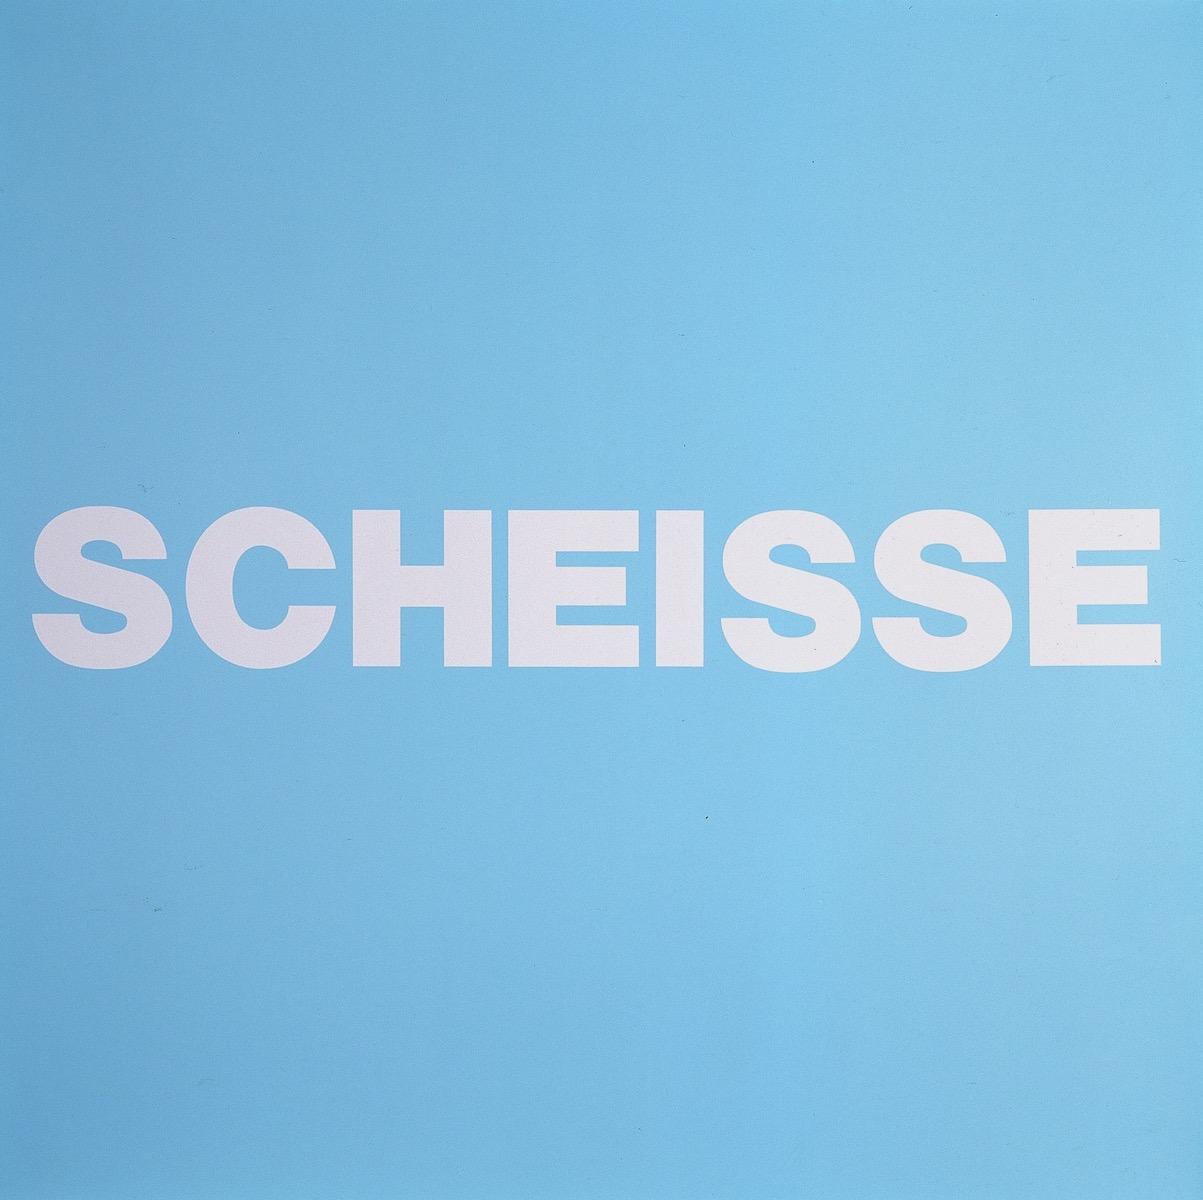 SCHEISSE, BLAU | Affirmation tut gut | Angelika Beuler | 1992